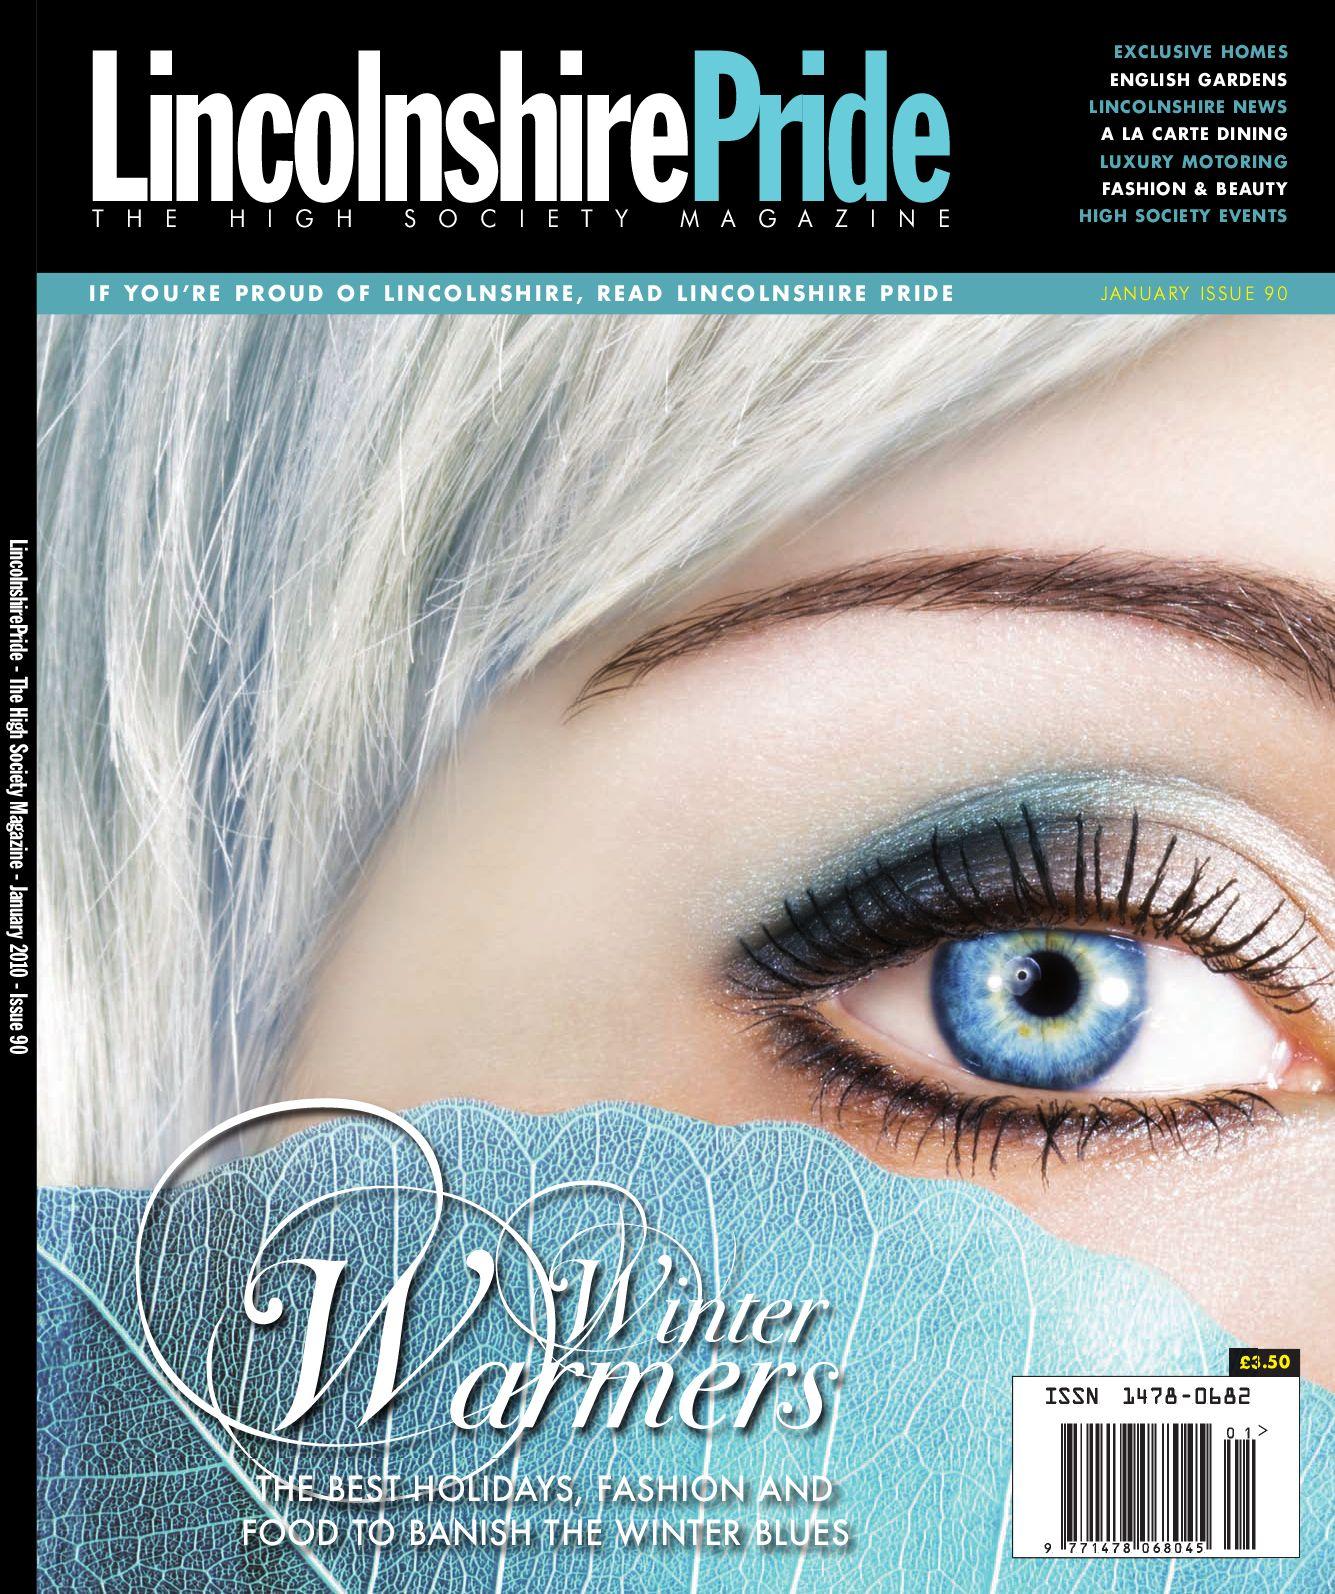 fe4046744e5af January 2010 by Whitespace Publishers - issuu